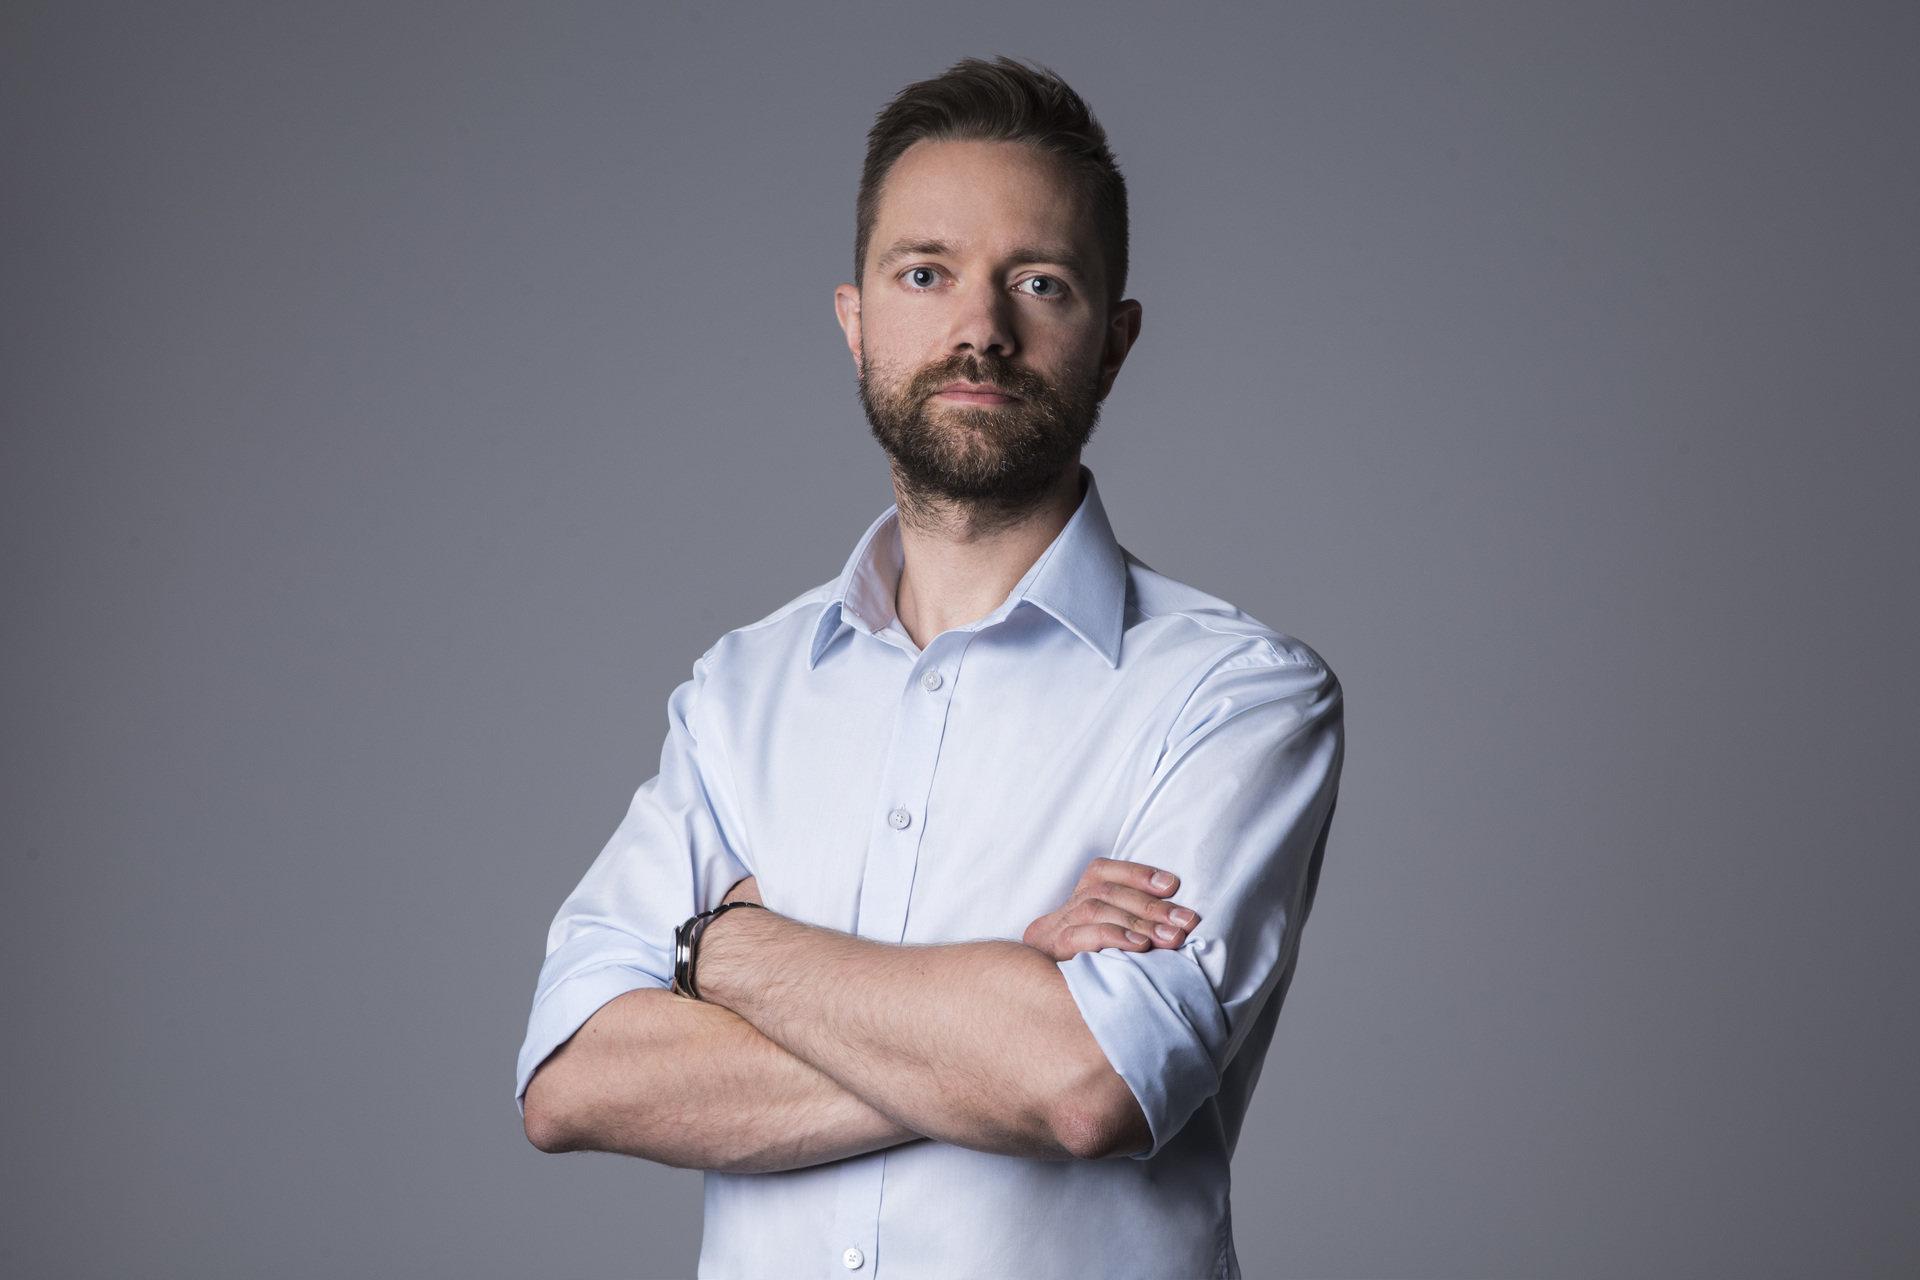 Tomasz Czerwiński obejmuje stanowisko Deputy Digital Directora w Vizeum